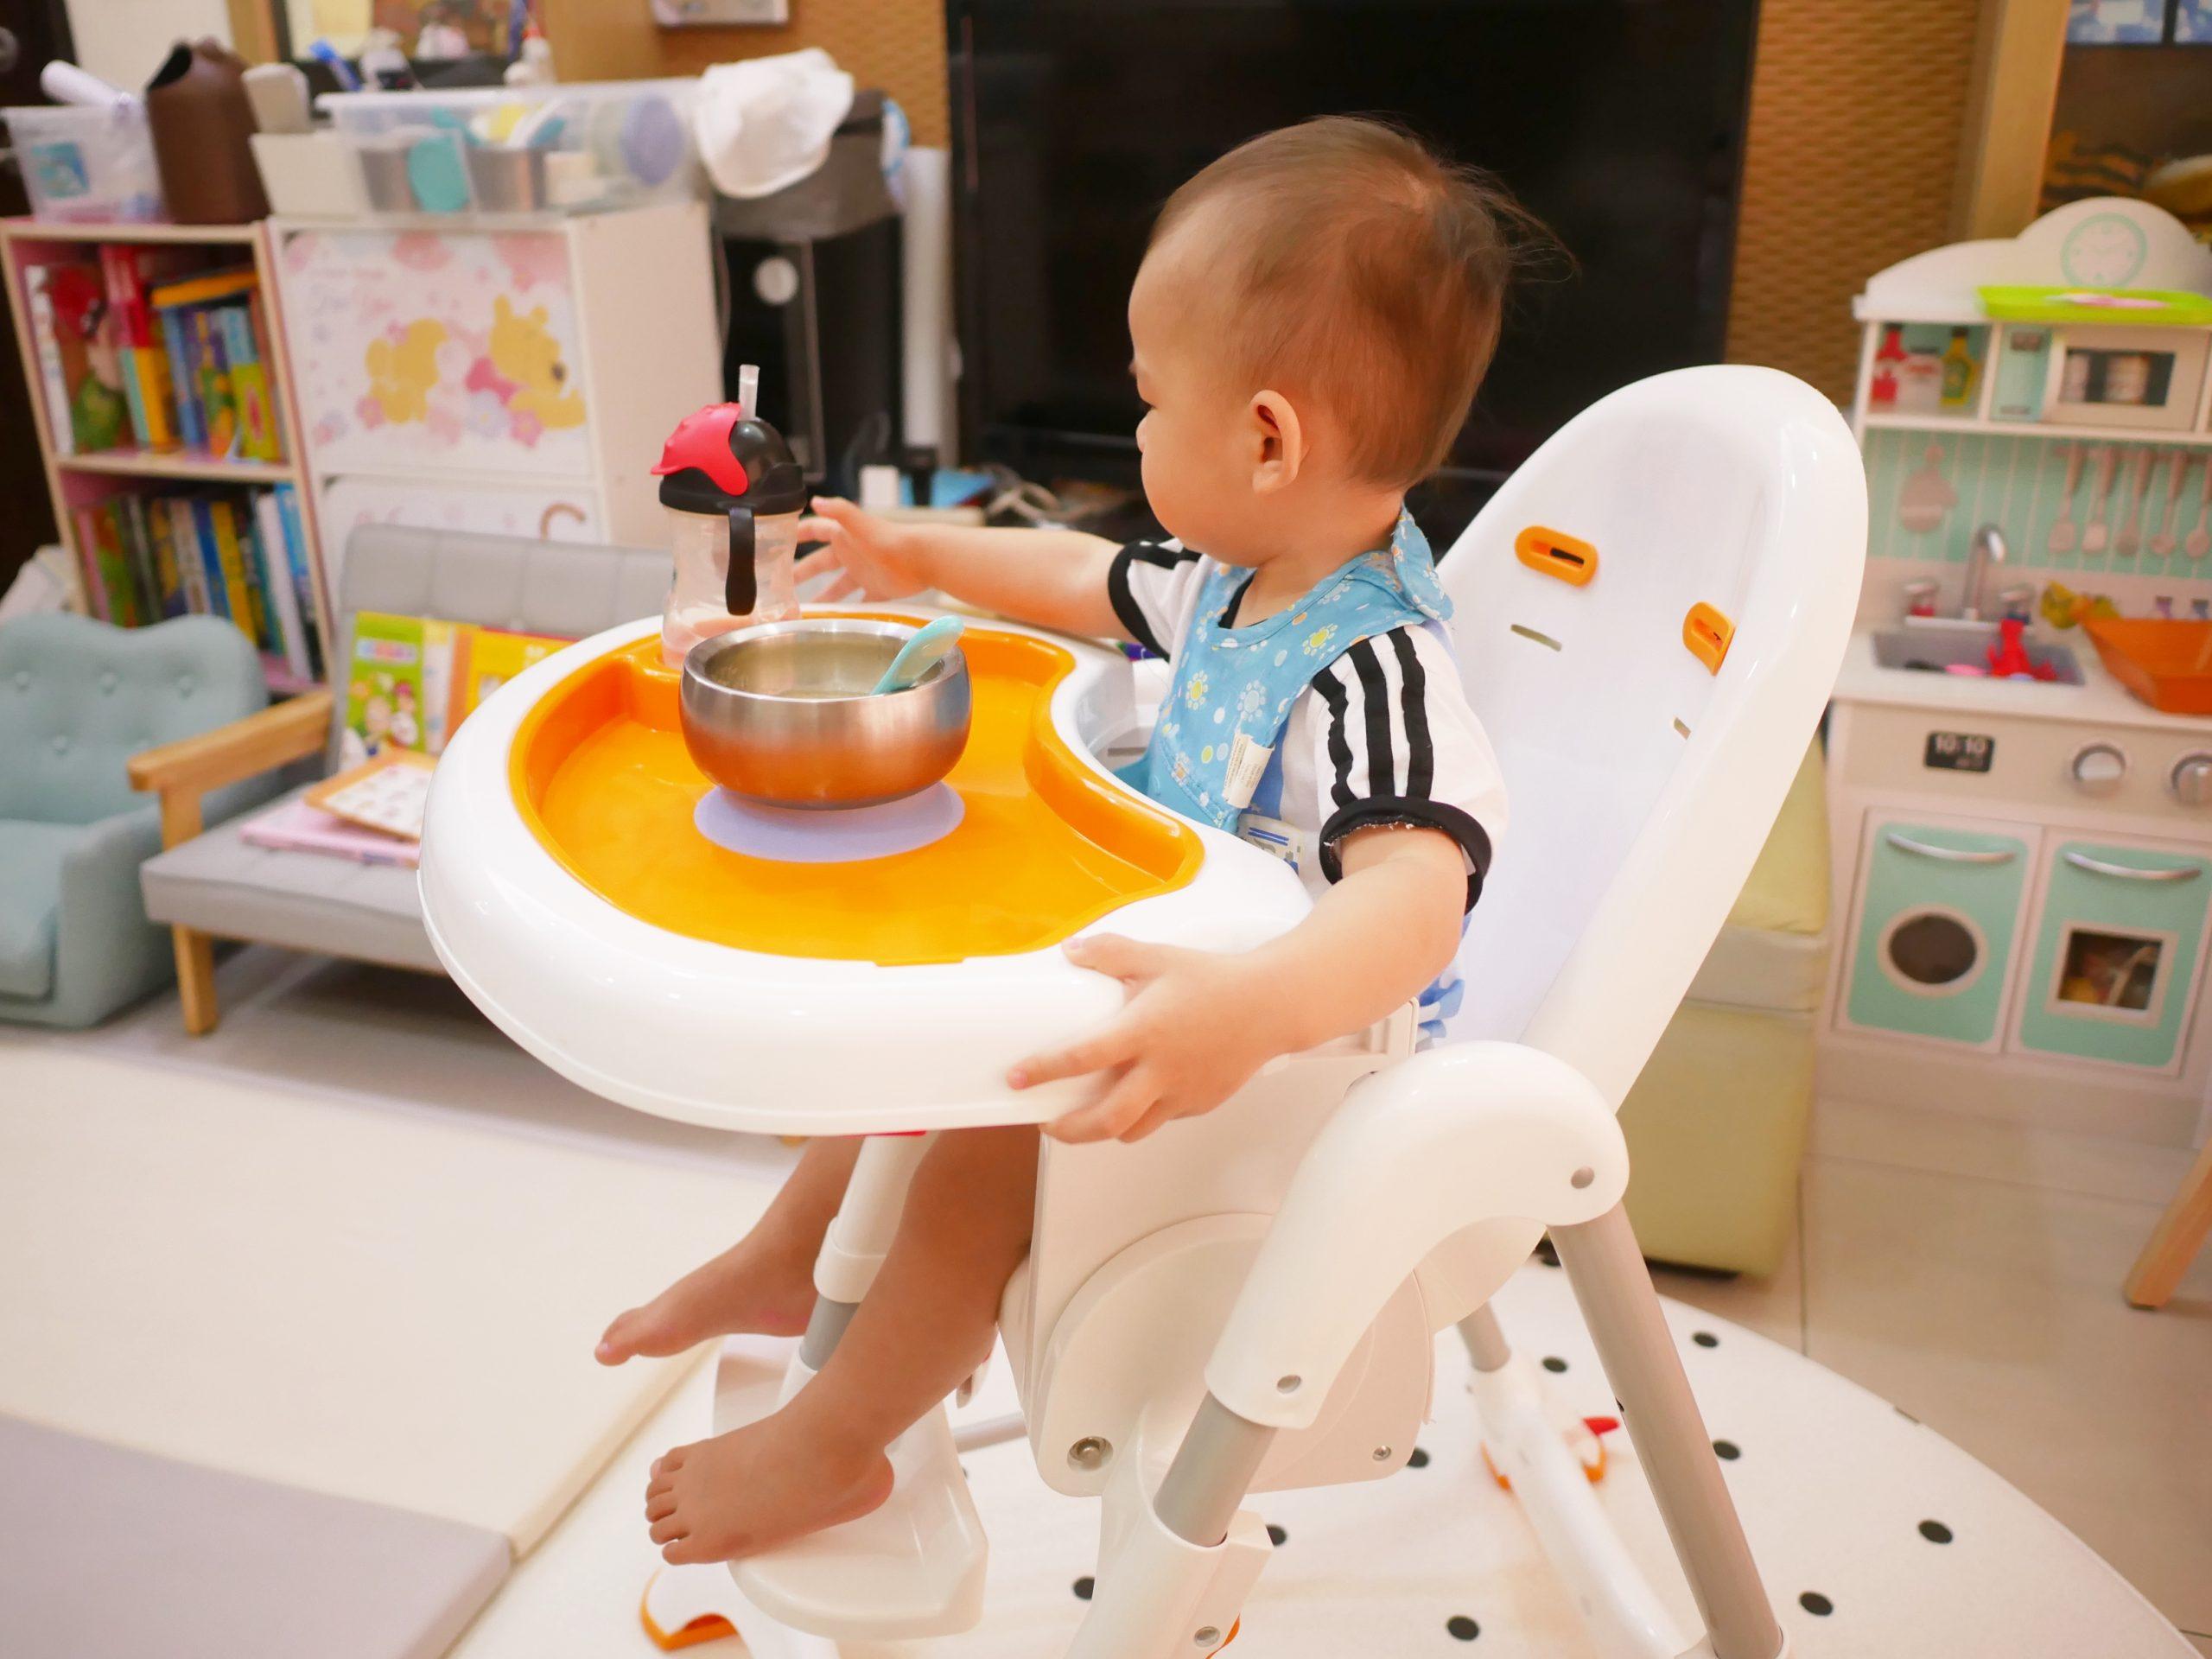 【熱賣團購】myheart多功能摺疊式餐椅,CP值超高,使用一年多真心不騙,MIT最夯的育兒神器餐椅 @小環妞 幸福足跡